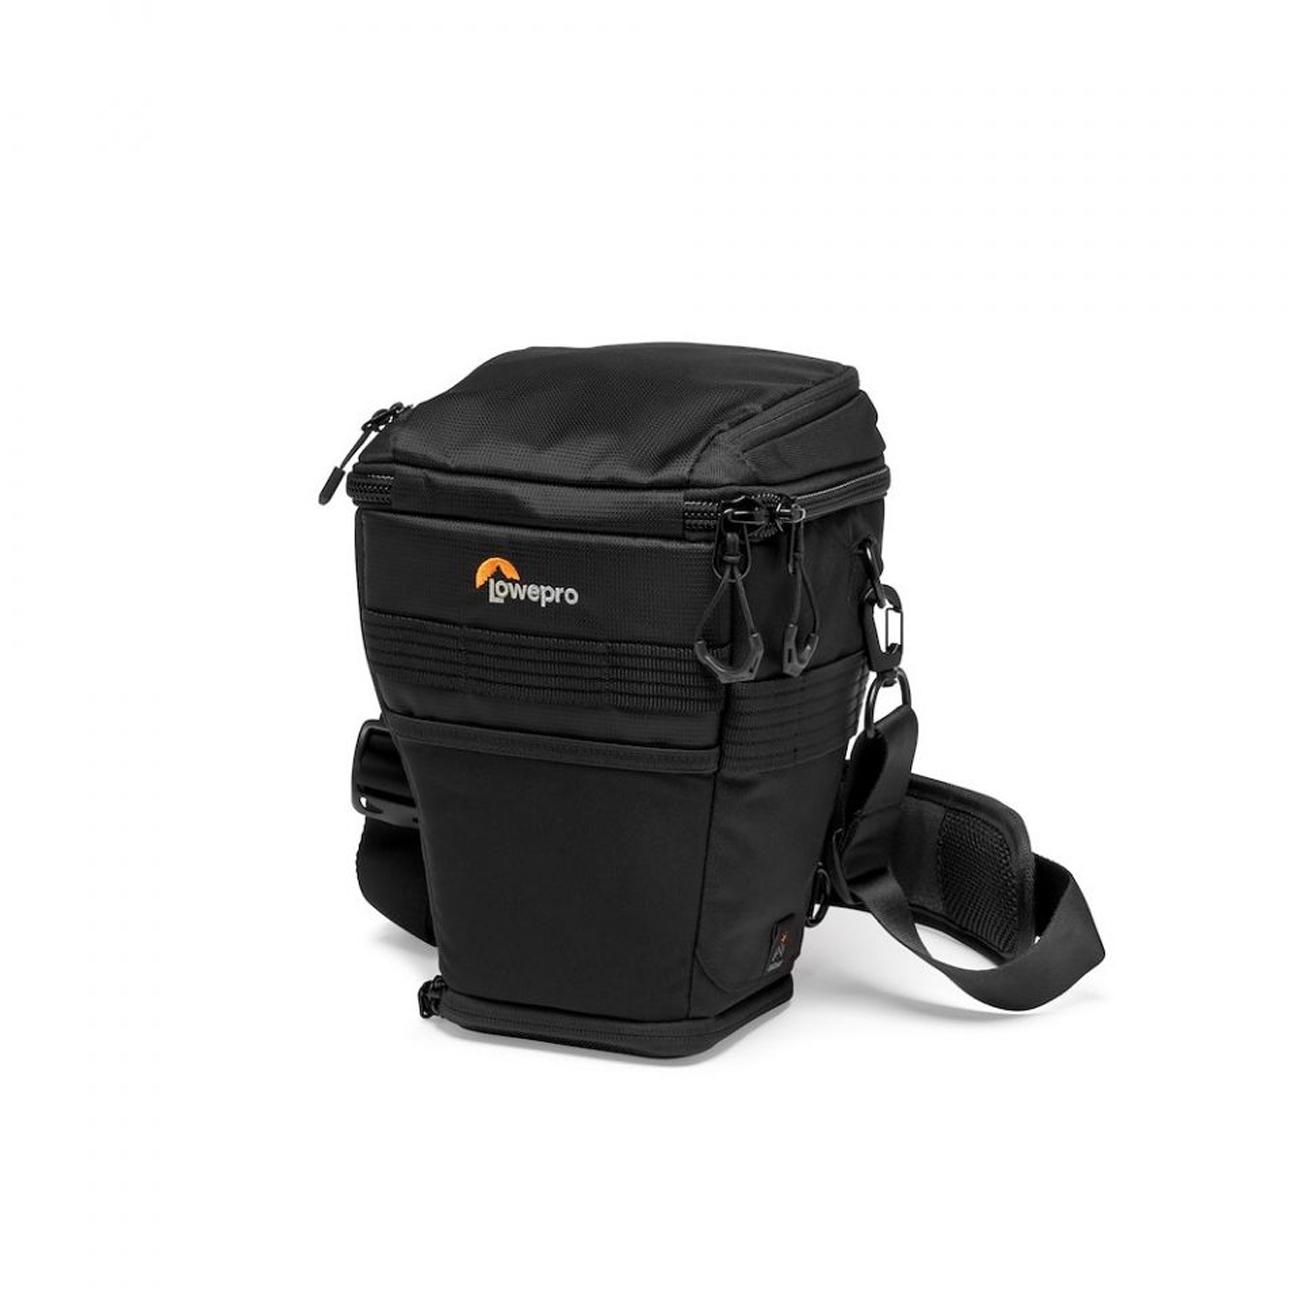 Lowepro ProTactic TLZ 70 AW II schwarz Kameratasche 110464